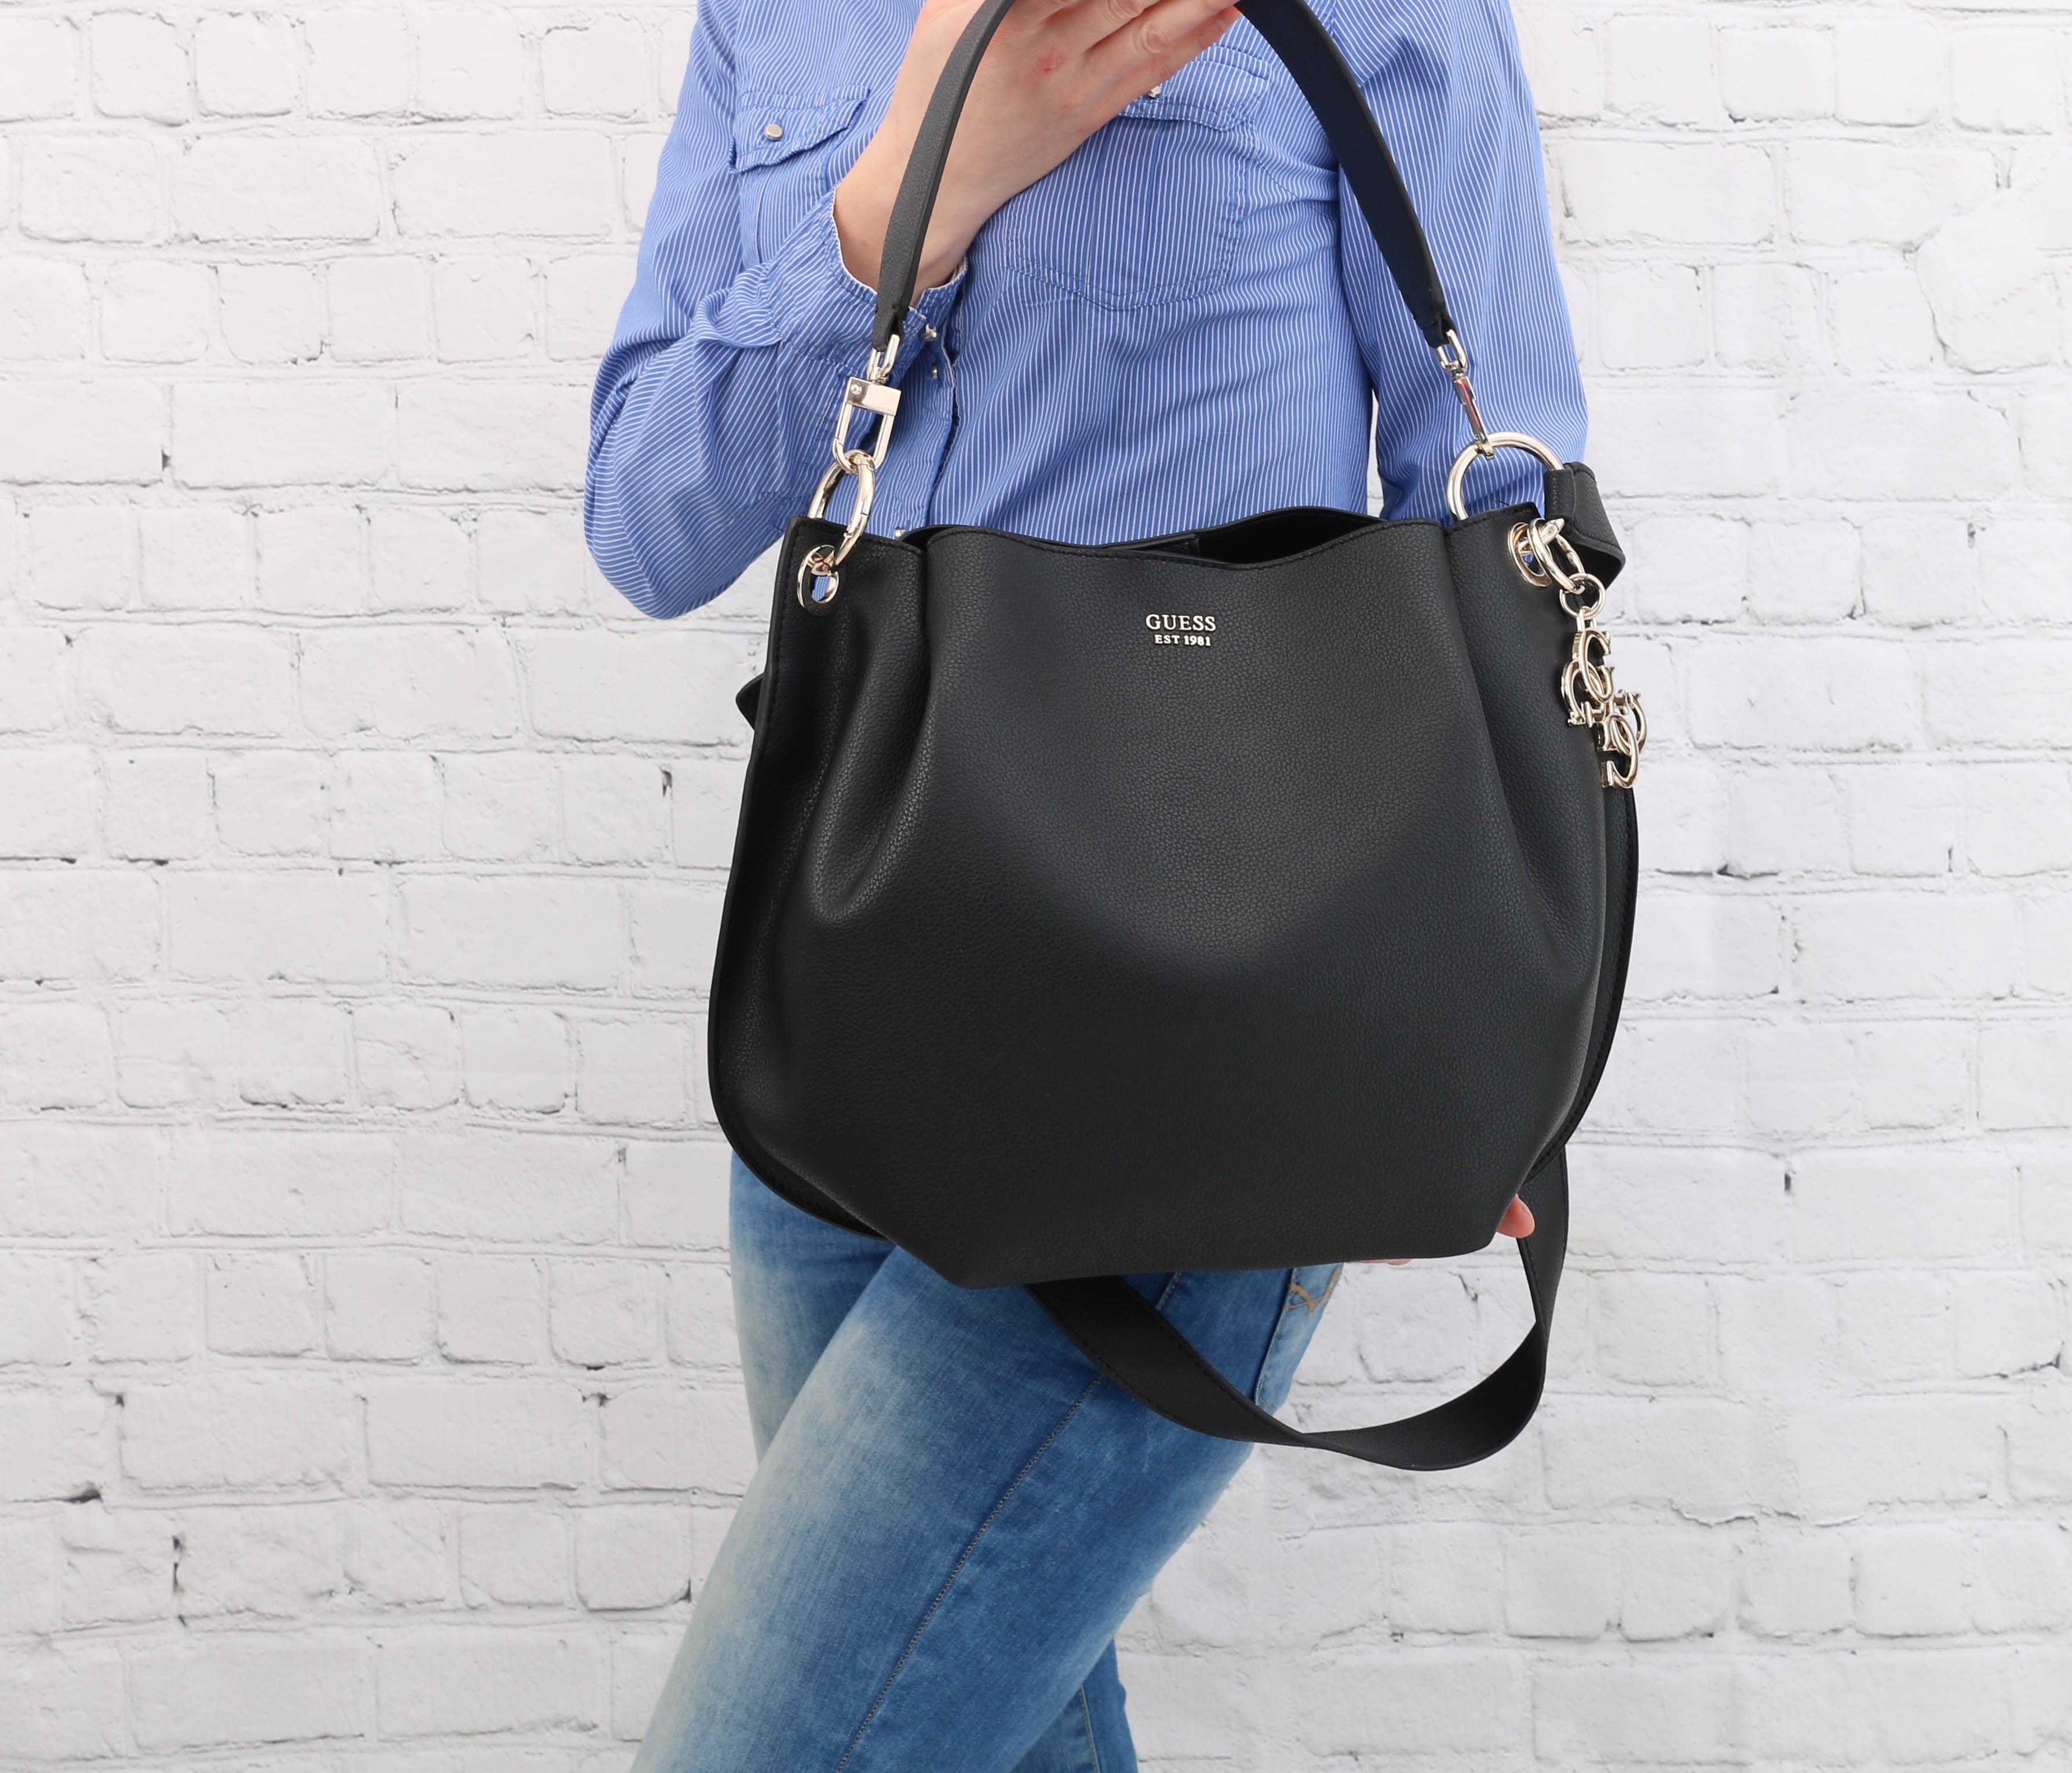 722fda6d04 Jak správně vybrat koženou kabelku pro manželku